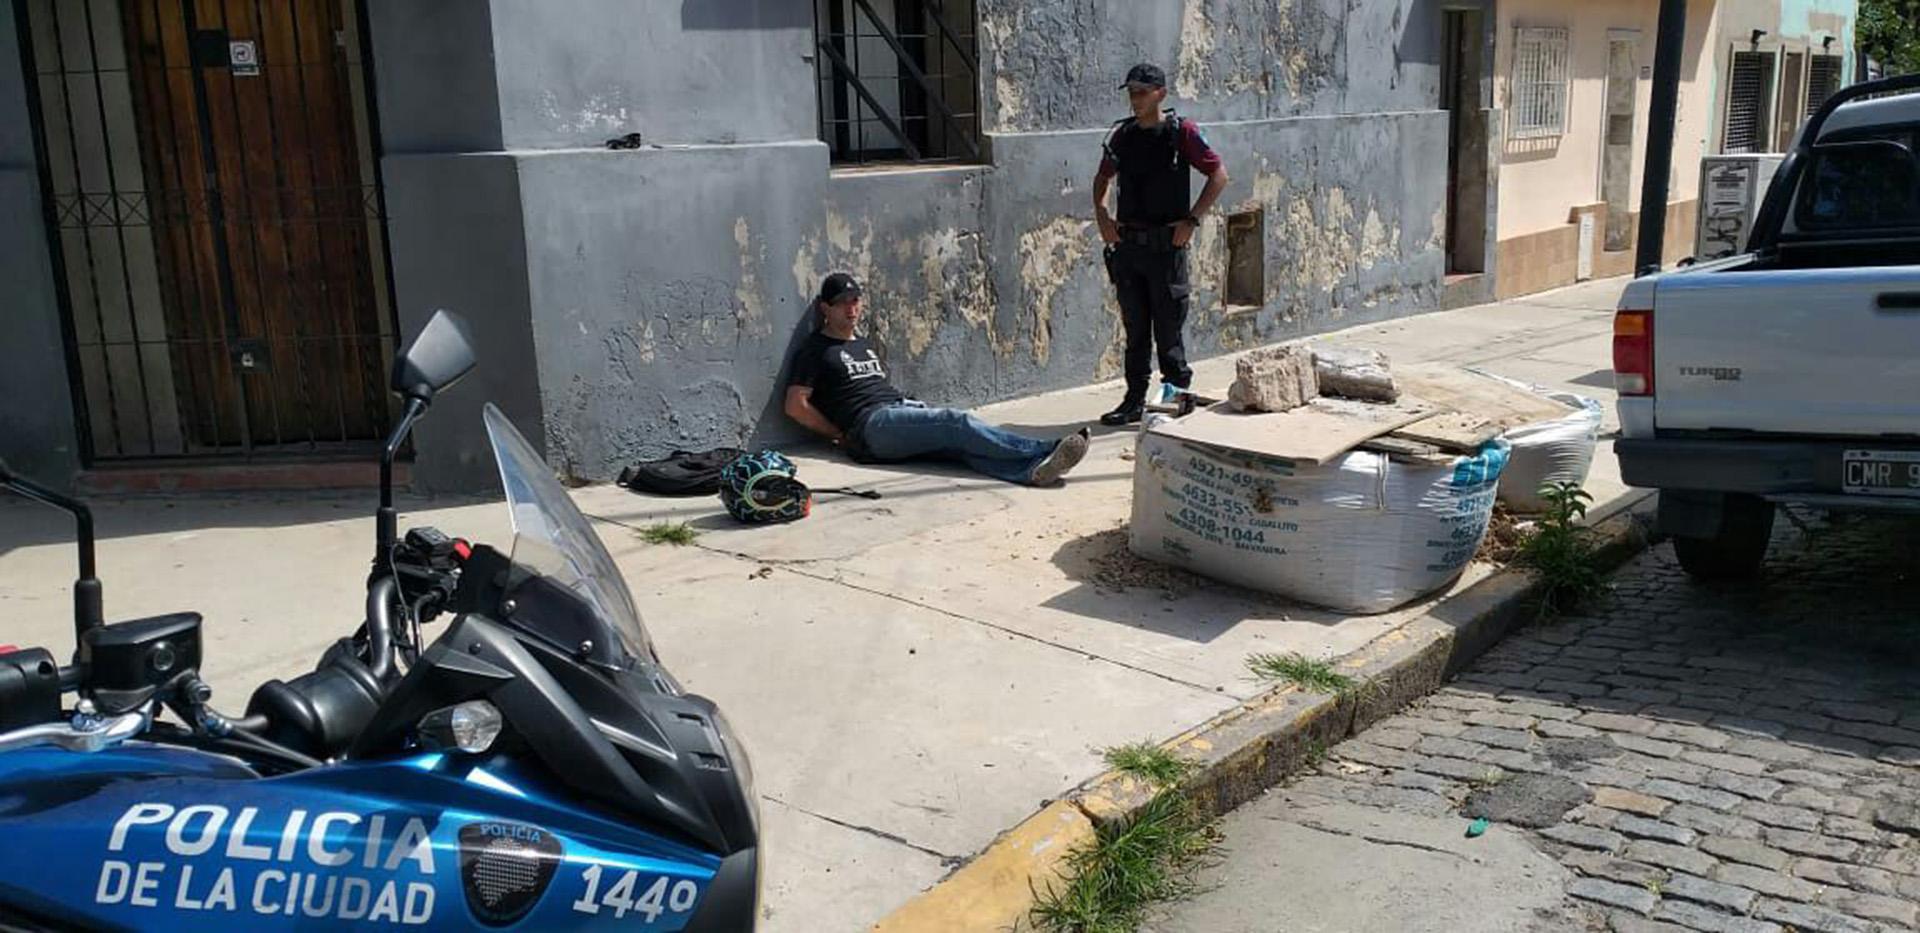 El motochorro colombiano al momento de ser detenido